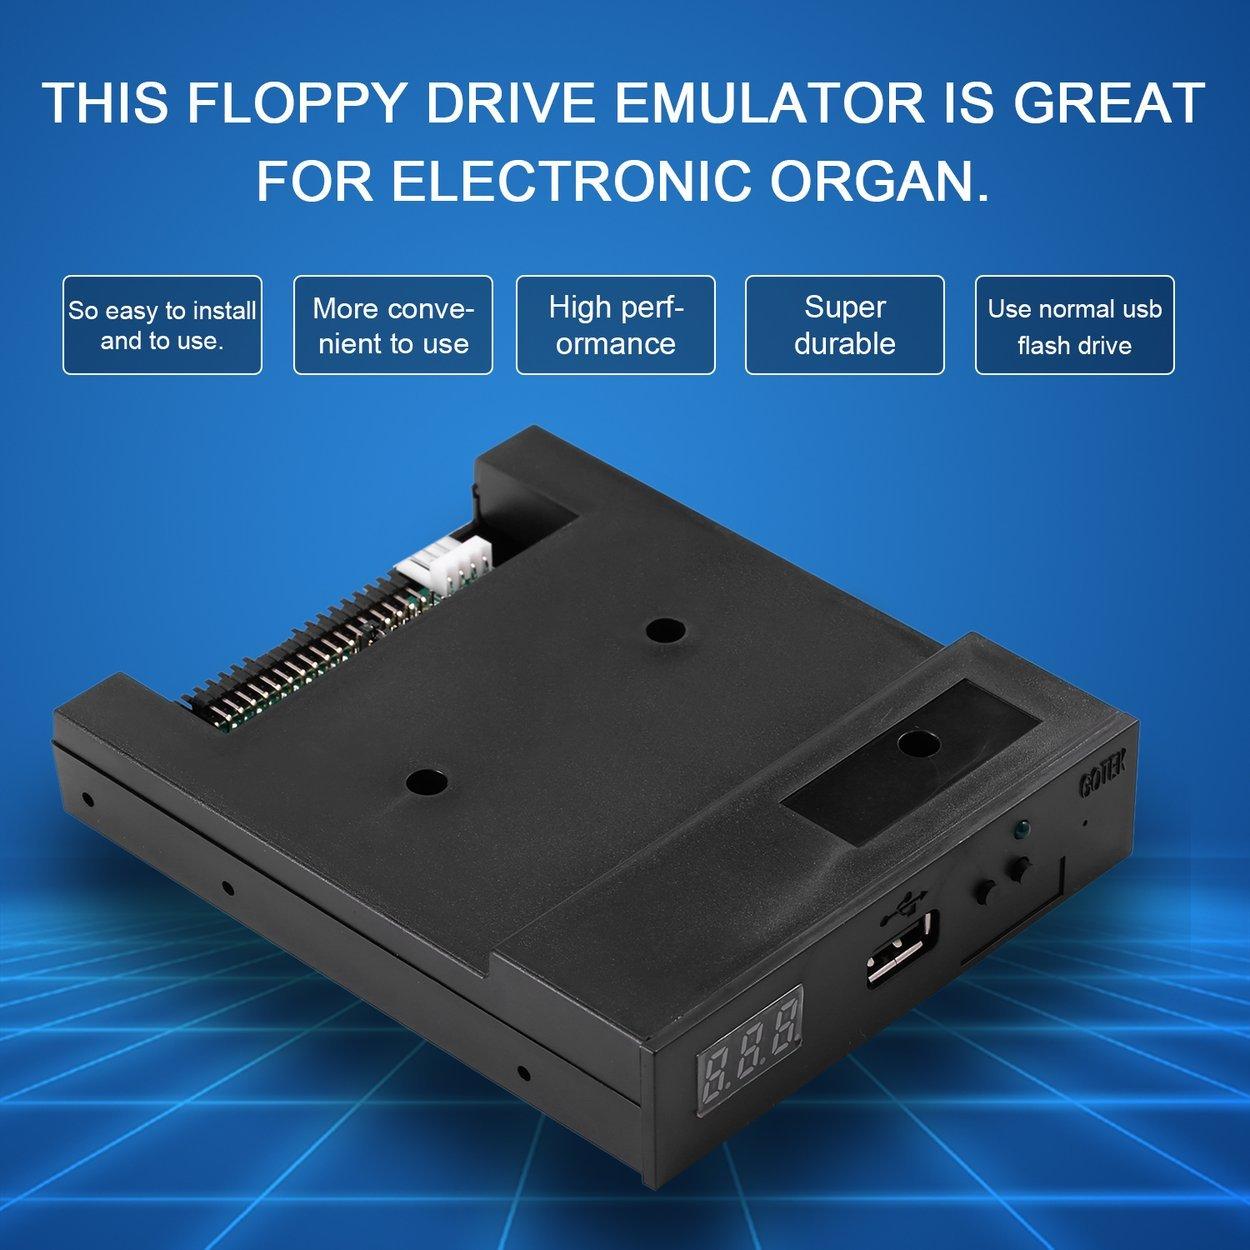 Lorenlli 5V 3.5 1.44MB 1000 Unidad de Disquete a emulador USB Simulación Conector Simple para Teclado Musical Negro: Amazon.es: Electrónica